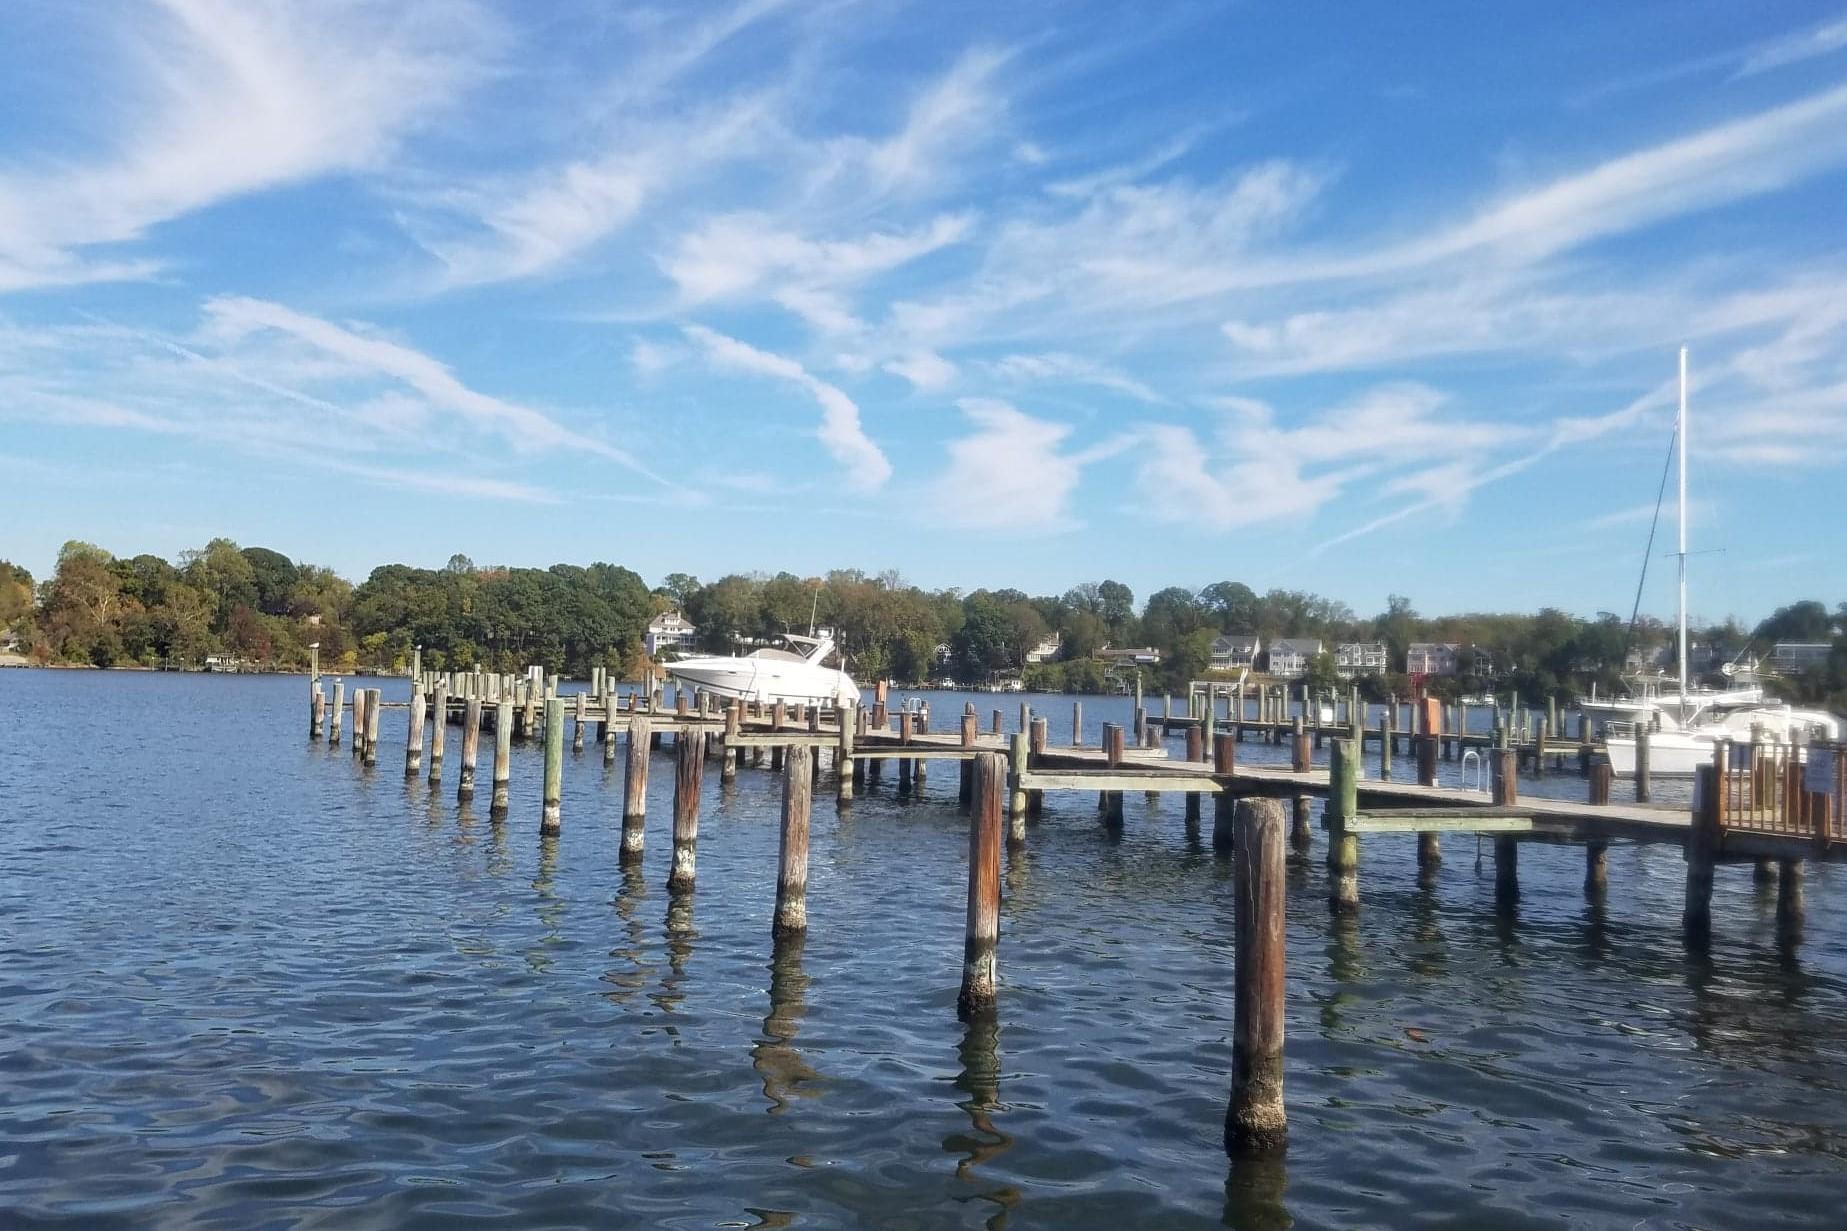 dock, boat